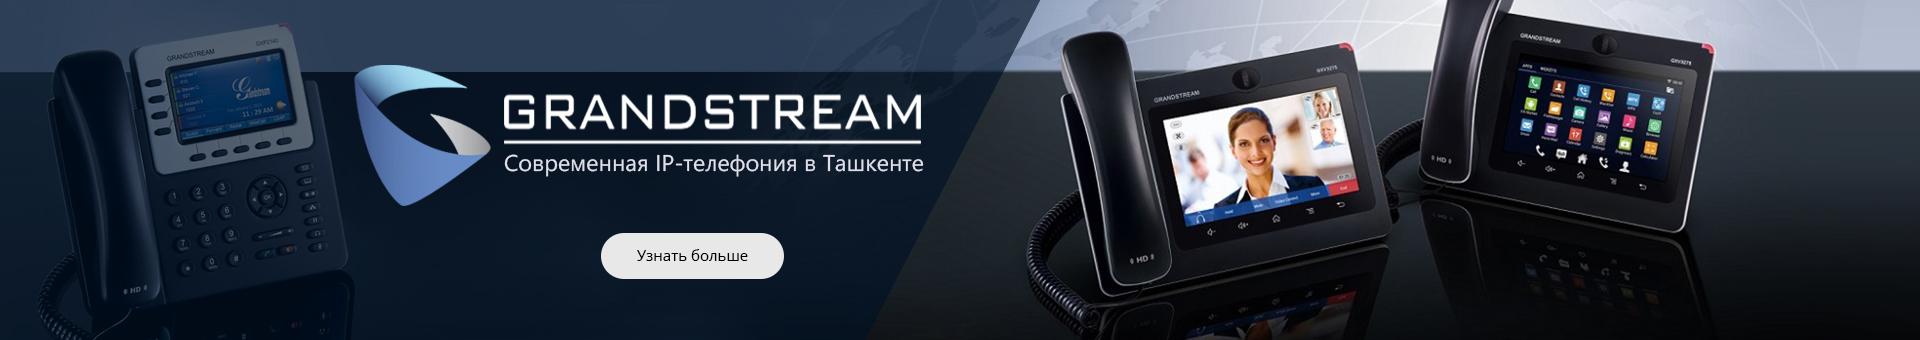 Grandstream ip-telefoniy